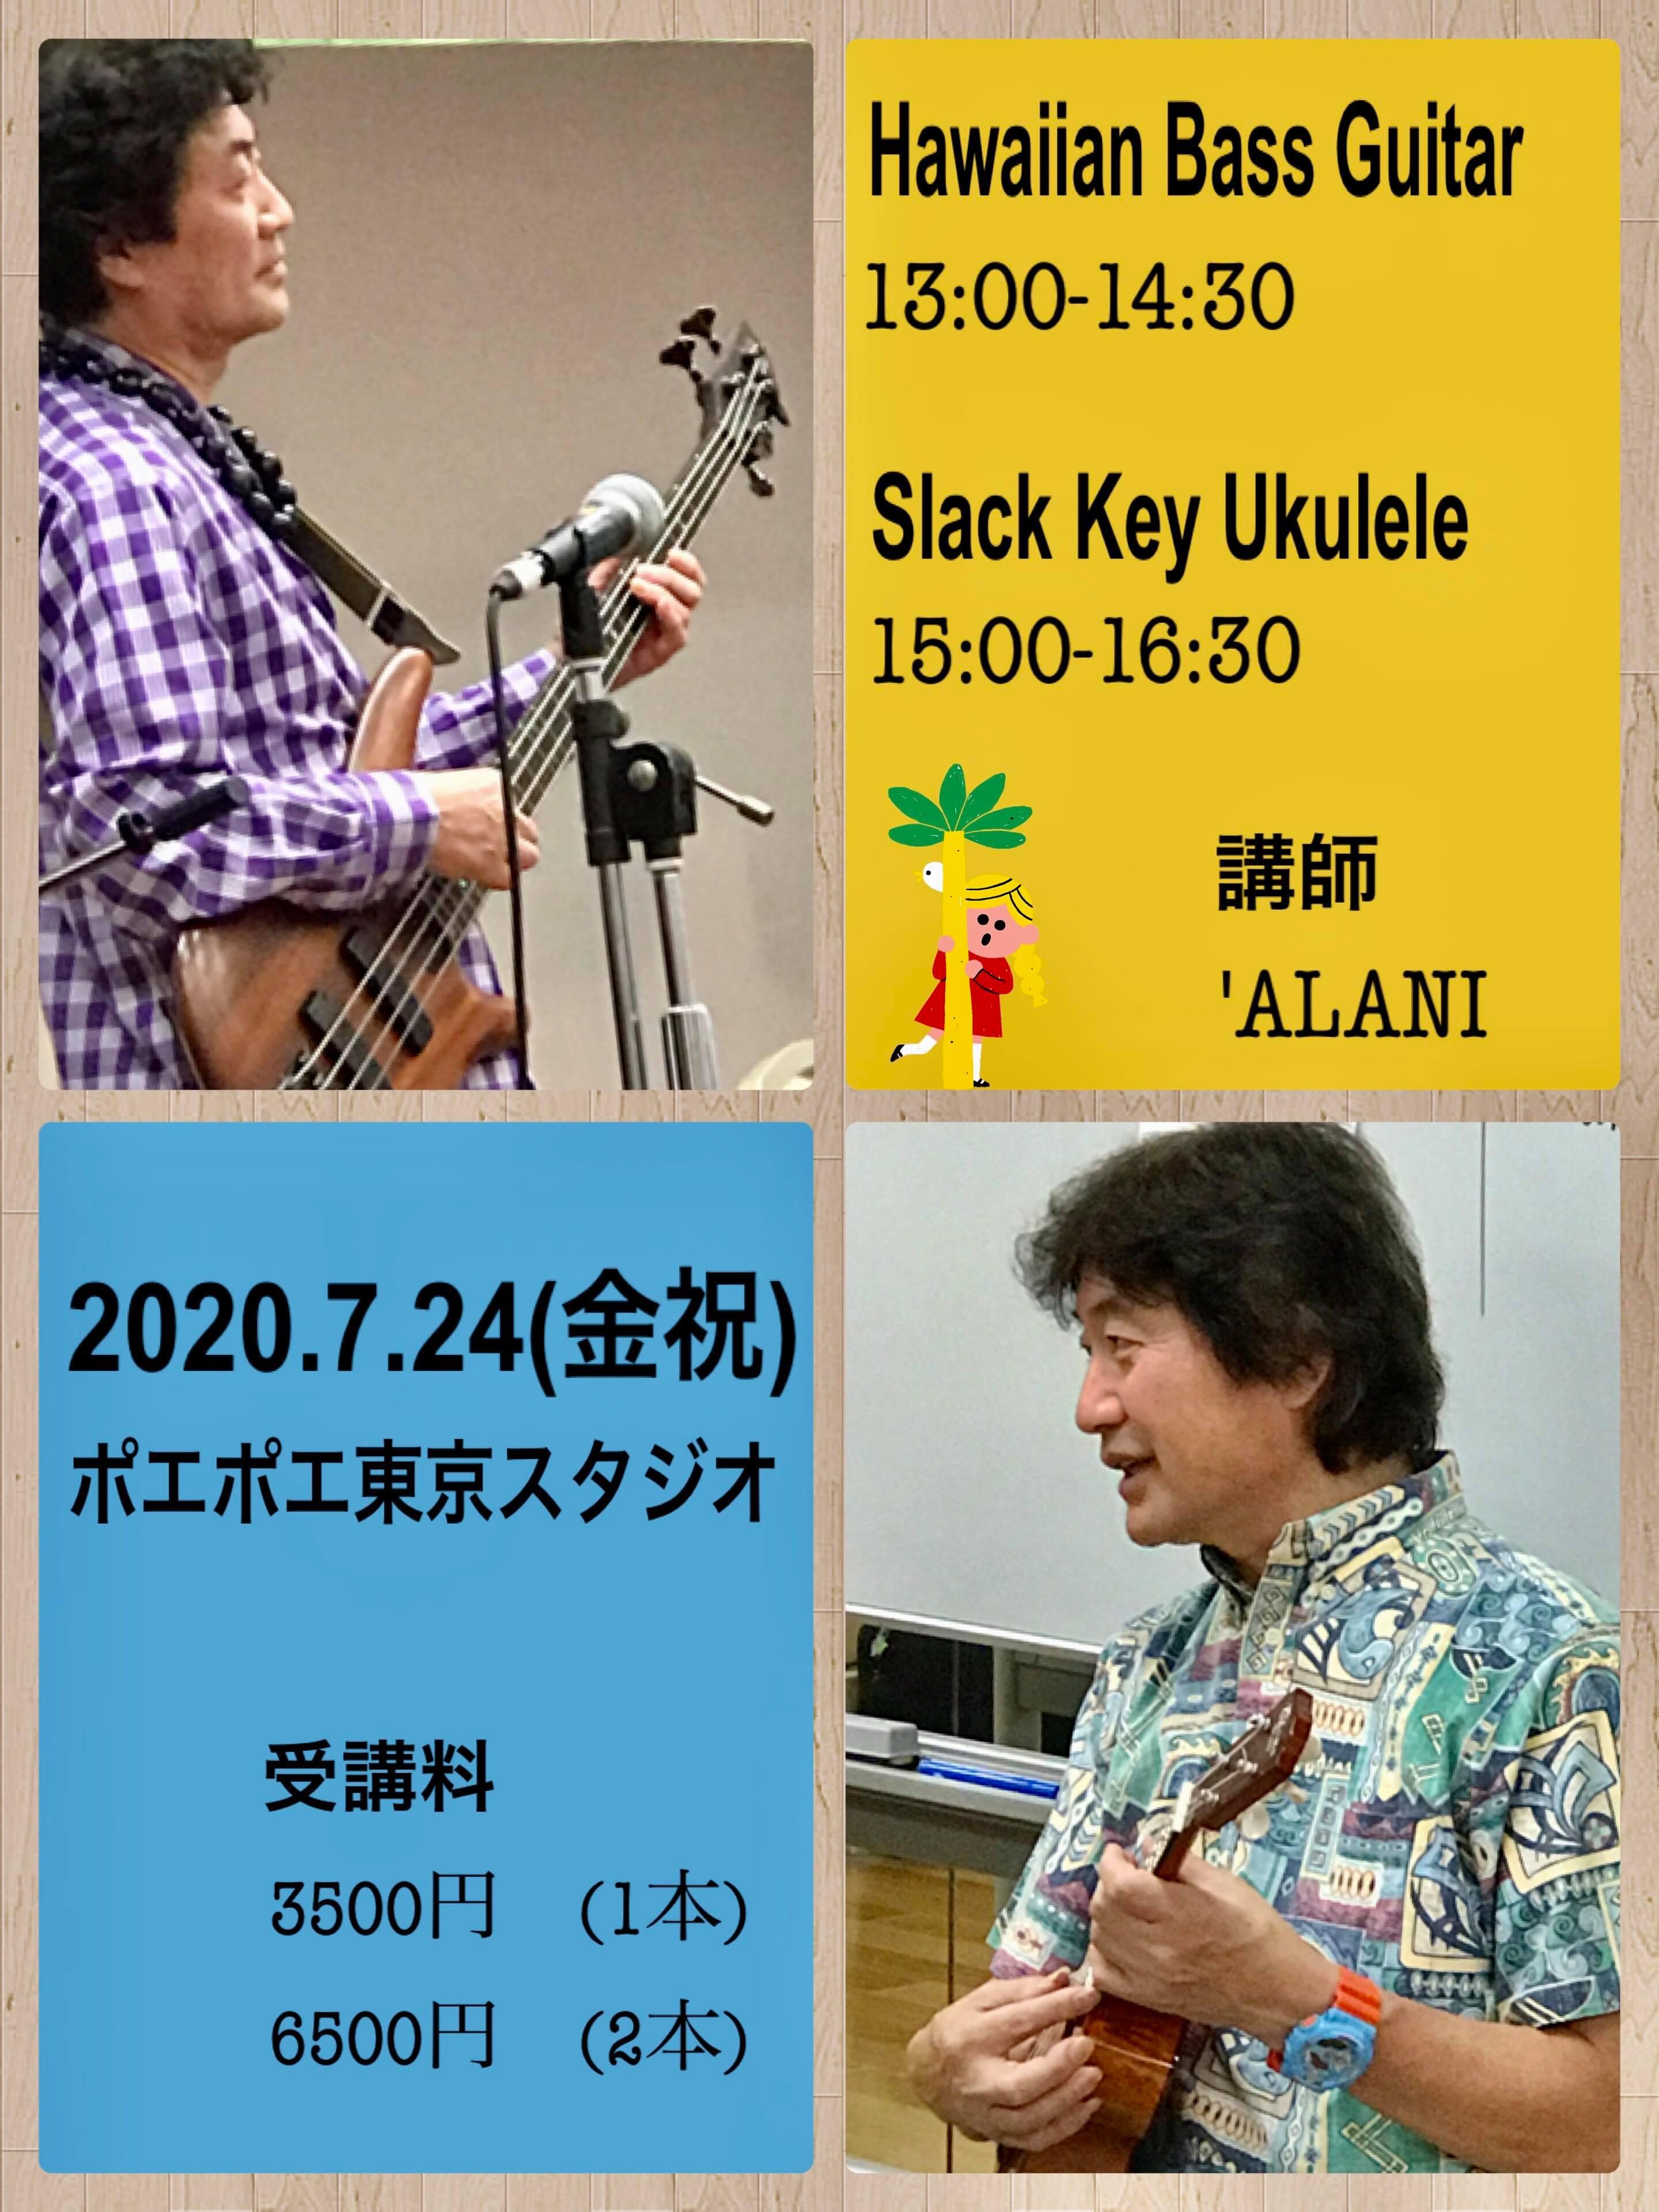 東京 Hawaiian Bass Workshop @ ポエポエ 東京 スタジオ